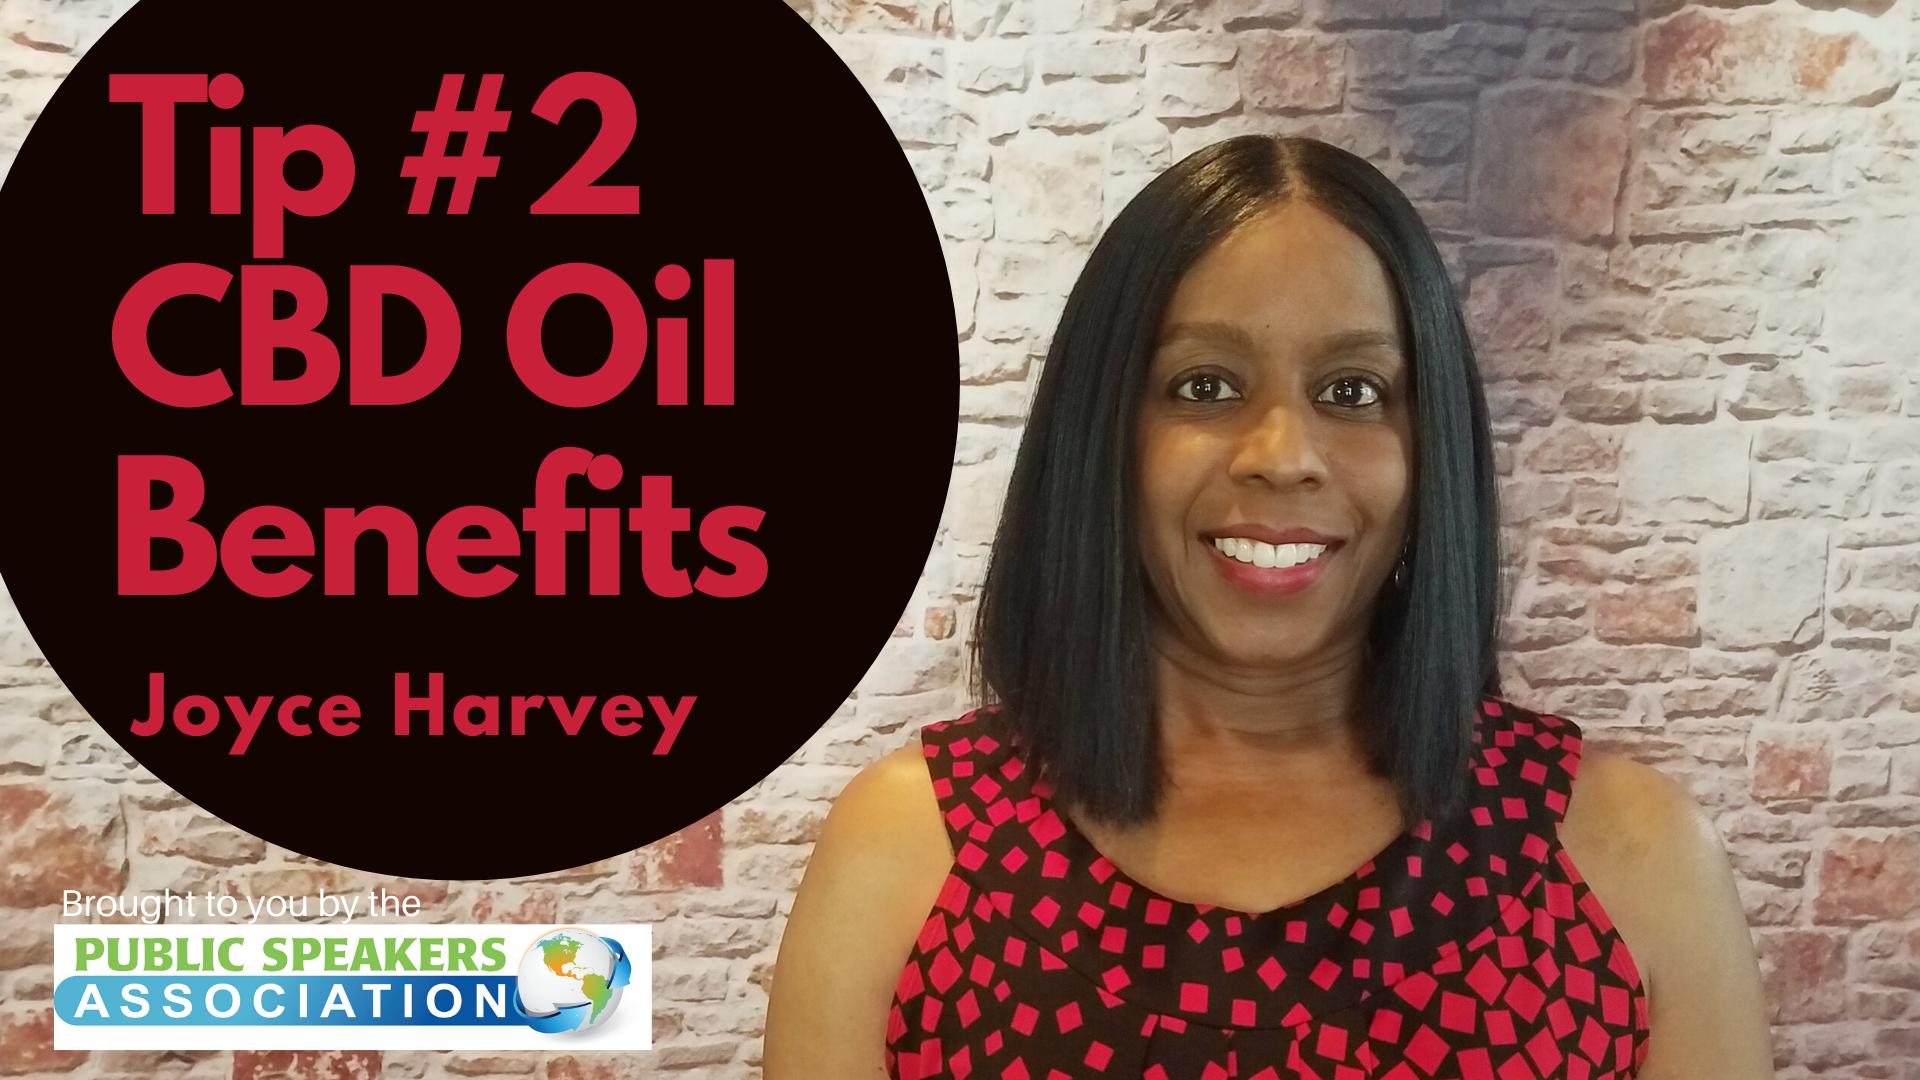 Joyce Harvey – Tip #2 CBD Oil Benefits